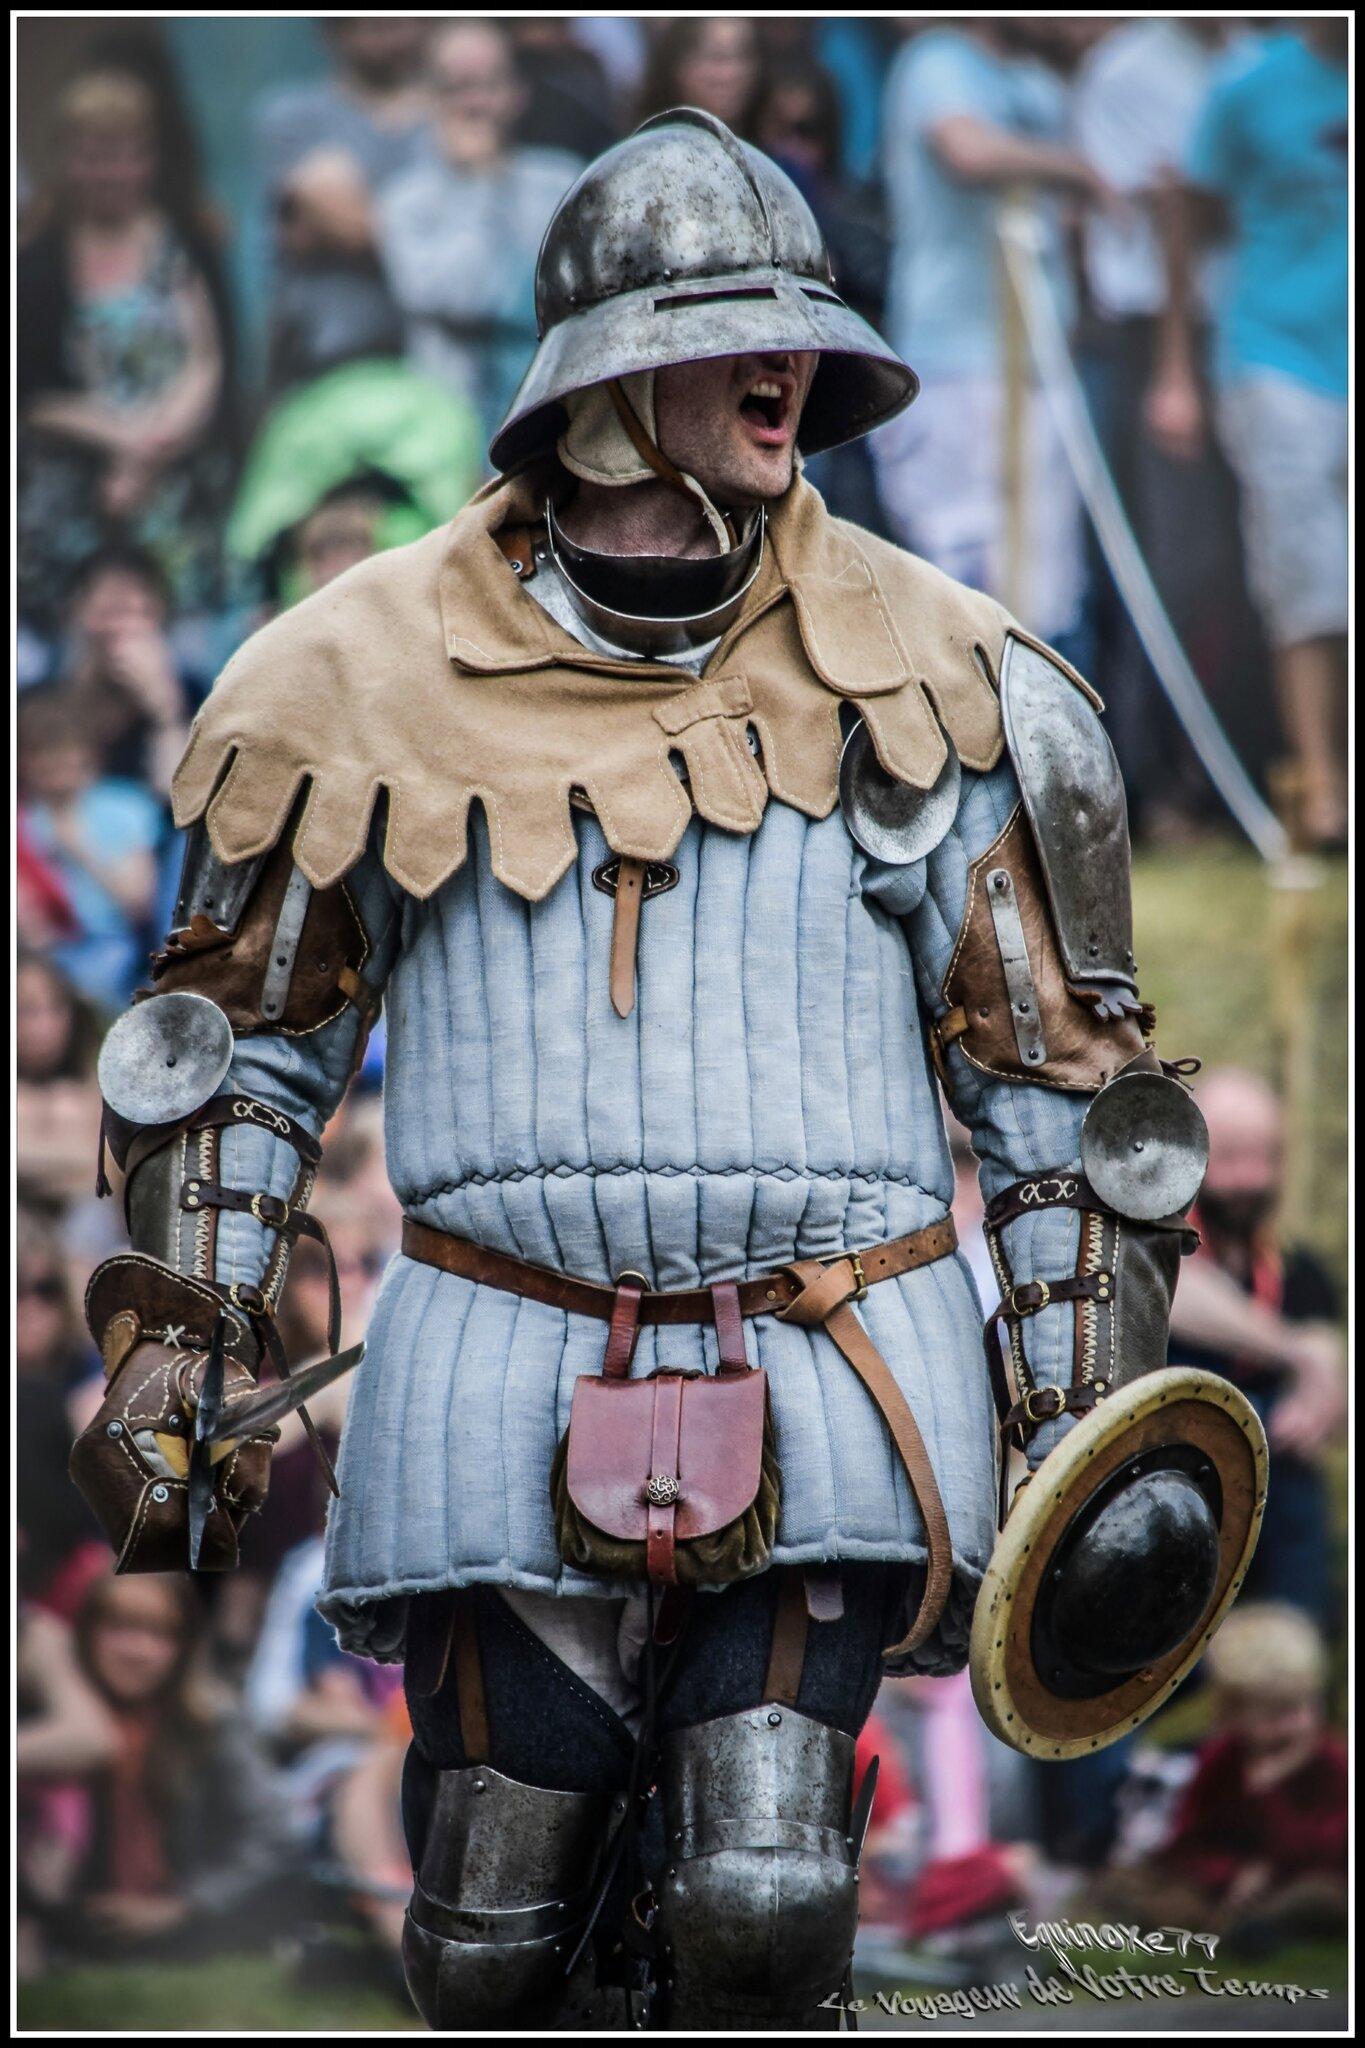 Calendrier Fetes Medievales.Catalogue Calendrier Des Fetes Et Marches Medievaux Et